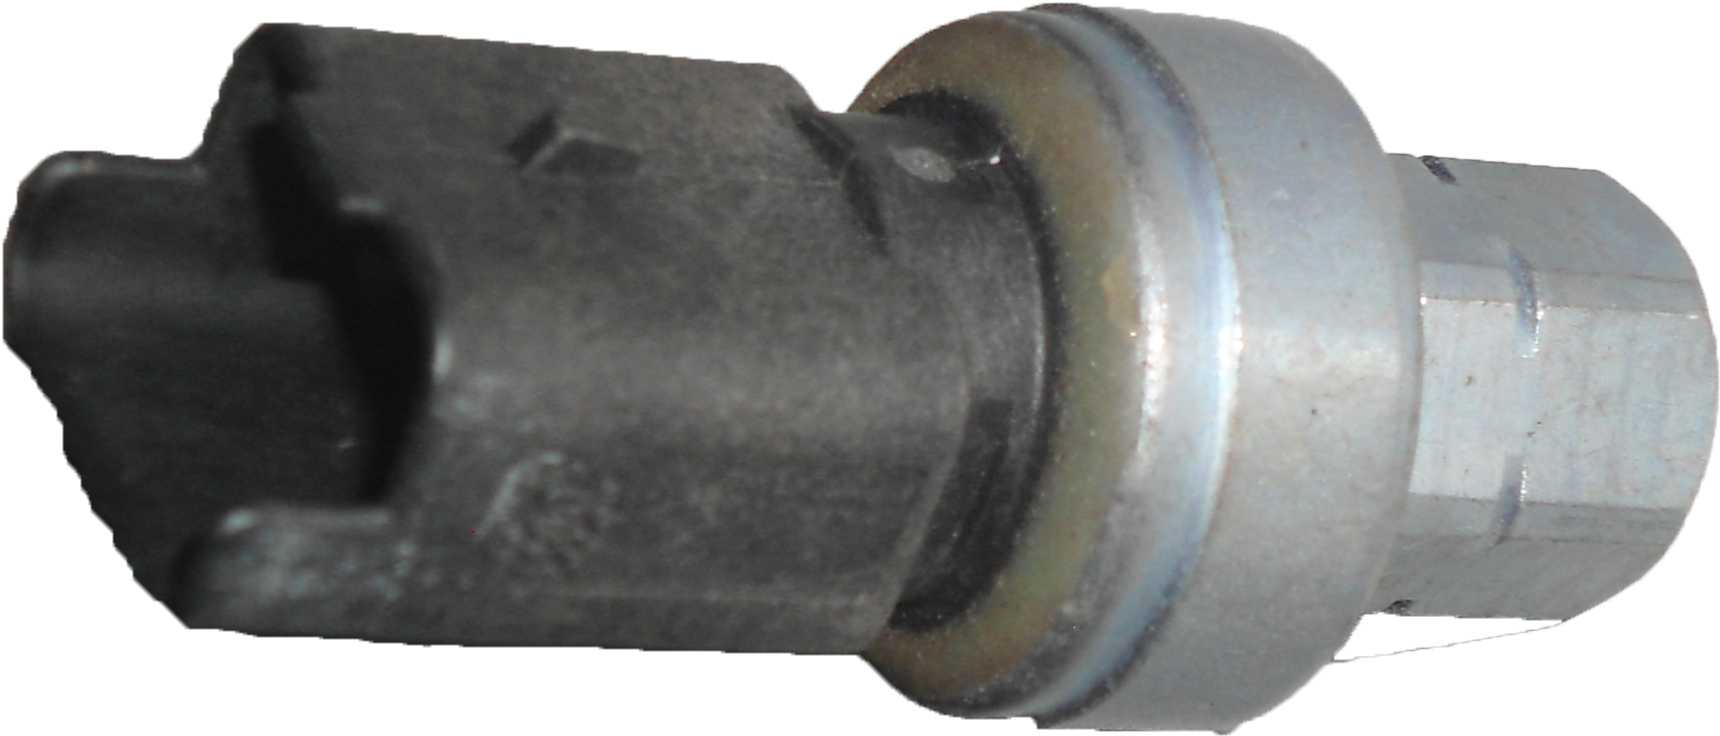 """Pressostato - Peugeot 206/207/307/C3 """"3 Vias"""" """"Preto"""" Peugeot 206/207/307/C3 *3 Vias* *Preto*"""